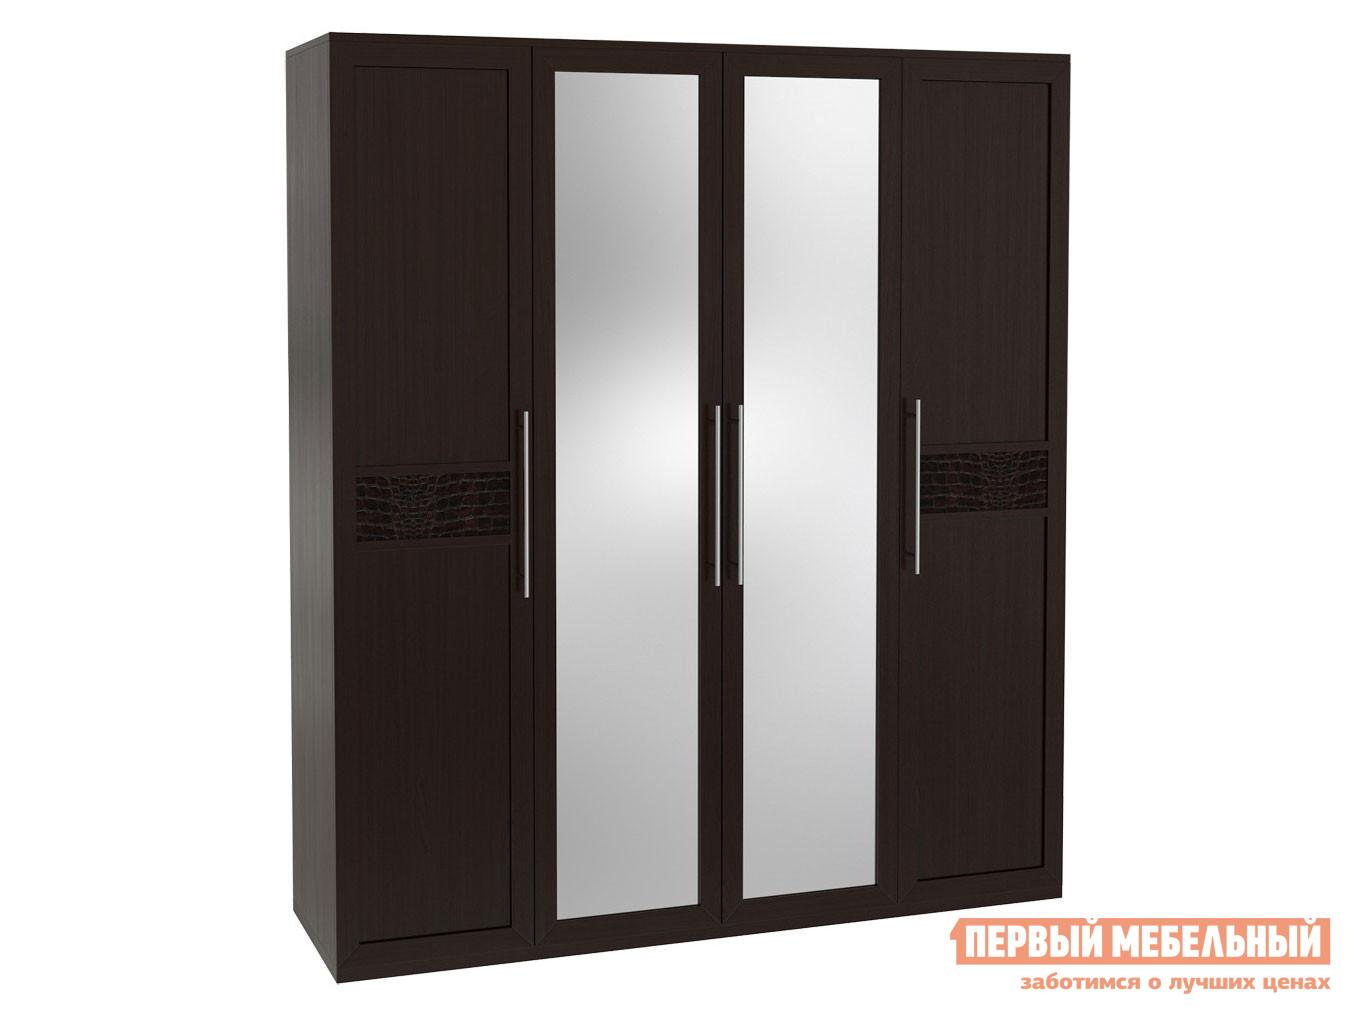 Распашной шкаф с зеркалами Первый Мебельный Шкаф 4-х дверный с зеркалом Парма распашной шкаф шкаф 4 х дверный с доводчиками медея медея